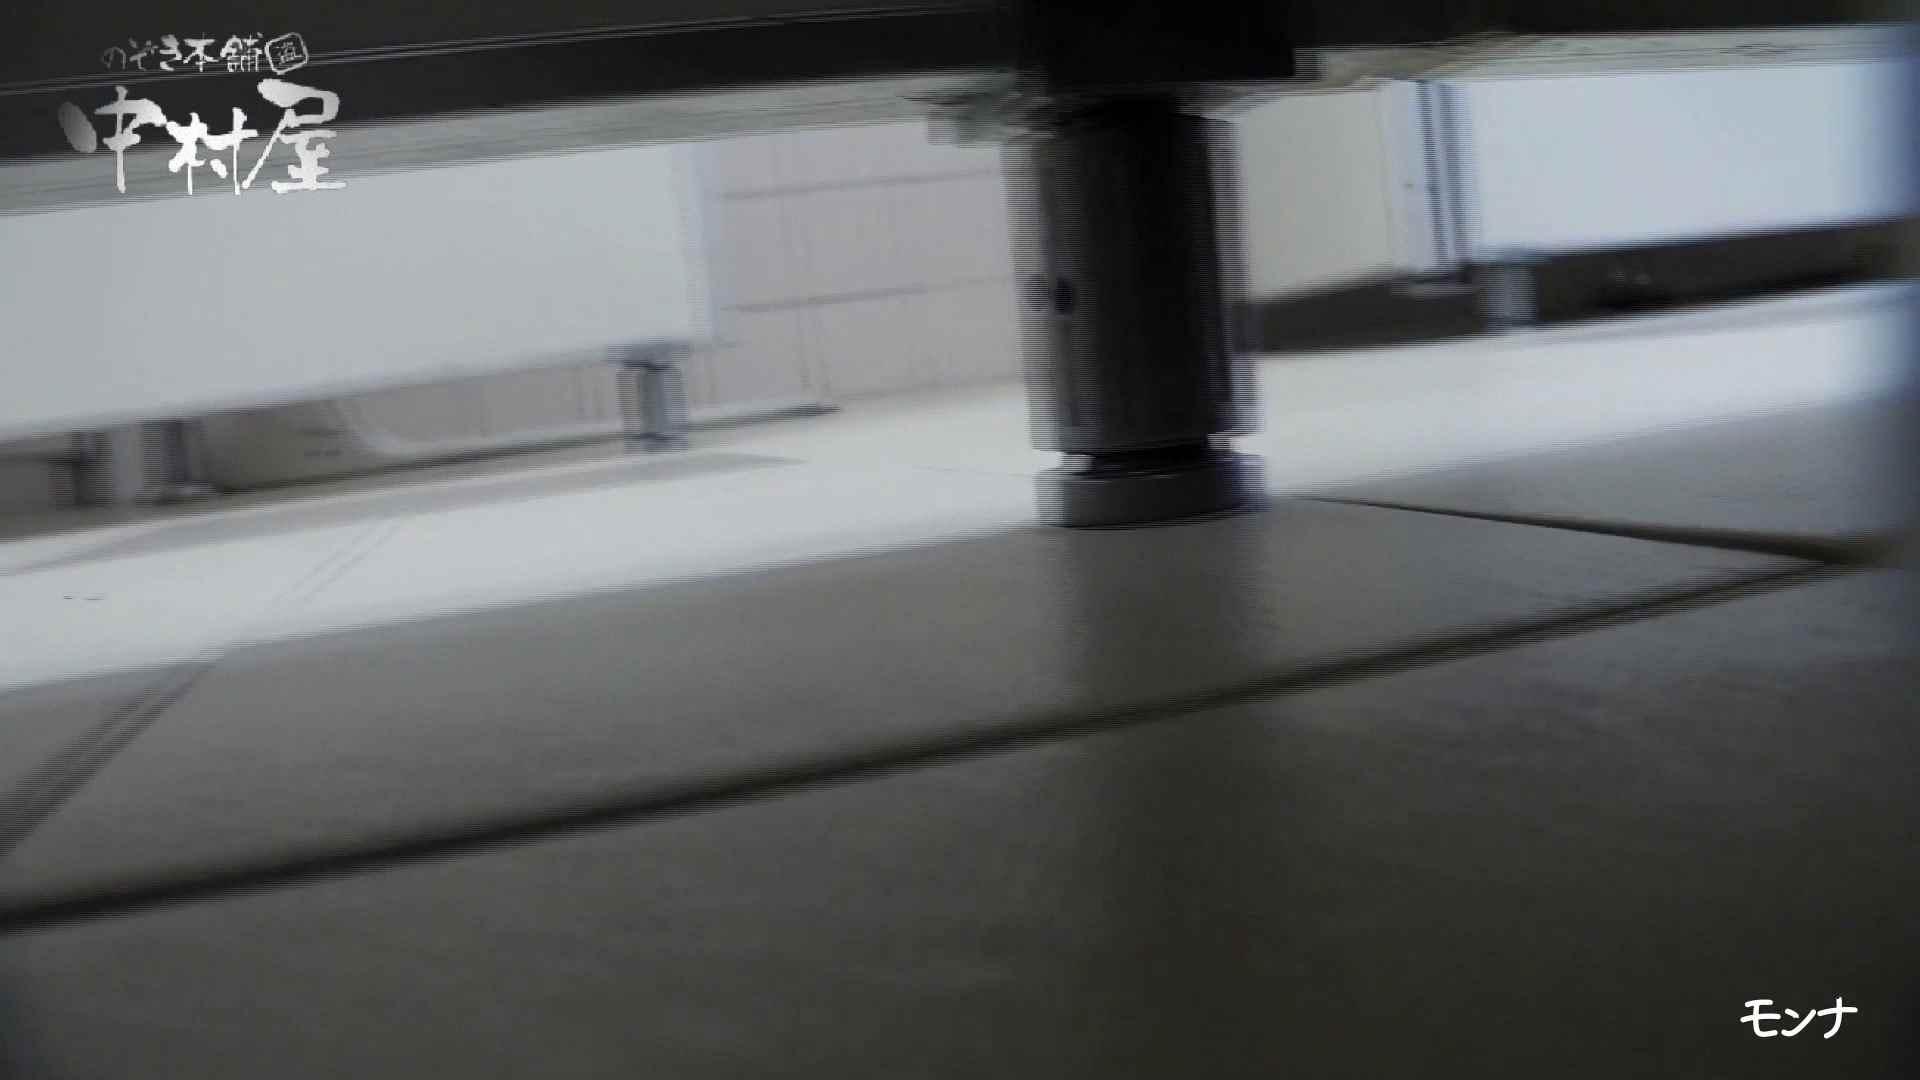 【美しい日本の未来】美しい日本の未来 No.38 久しぶり、復活しようかなあ?^^ by モンナ おまんこ特別編  83枚 80